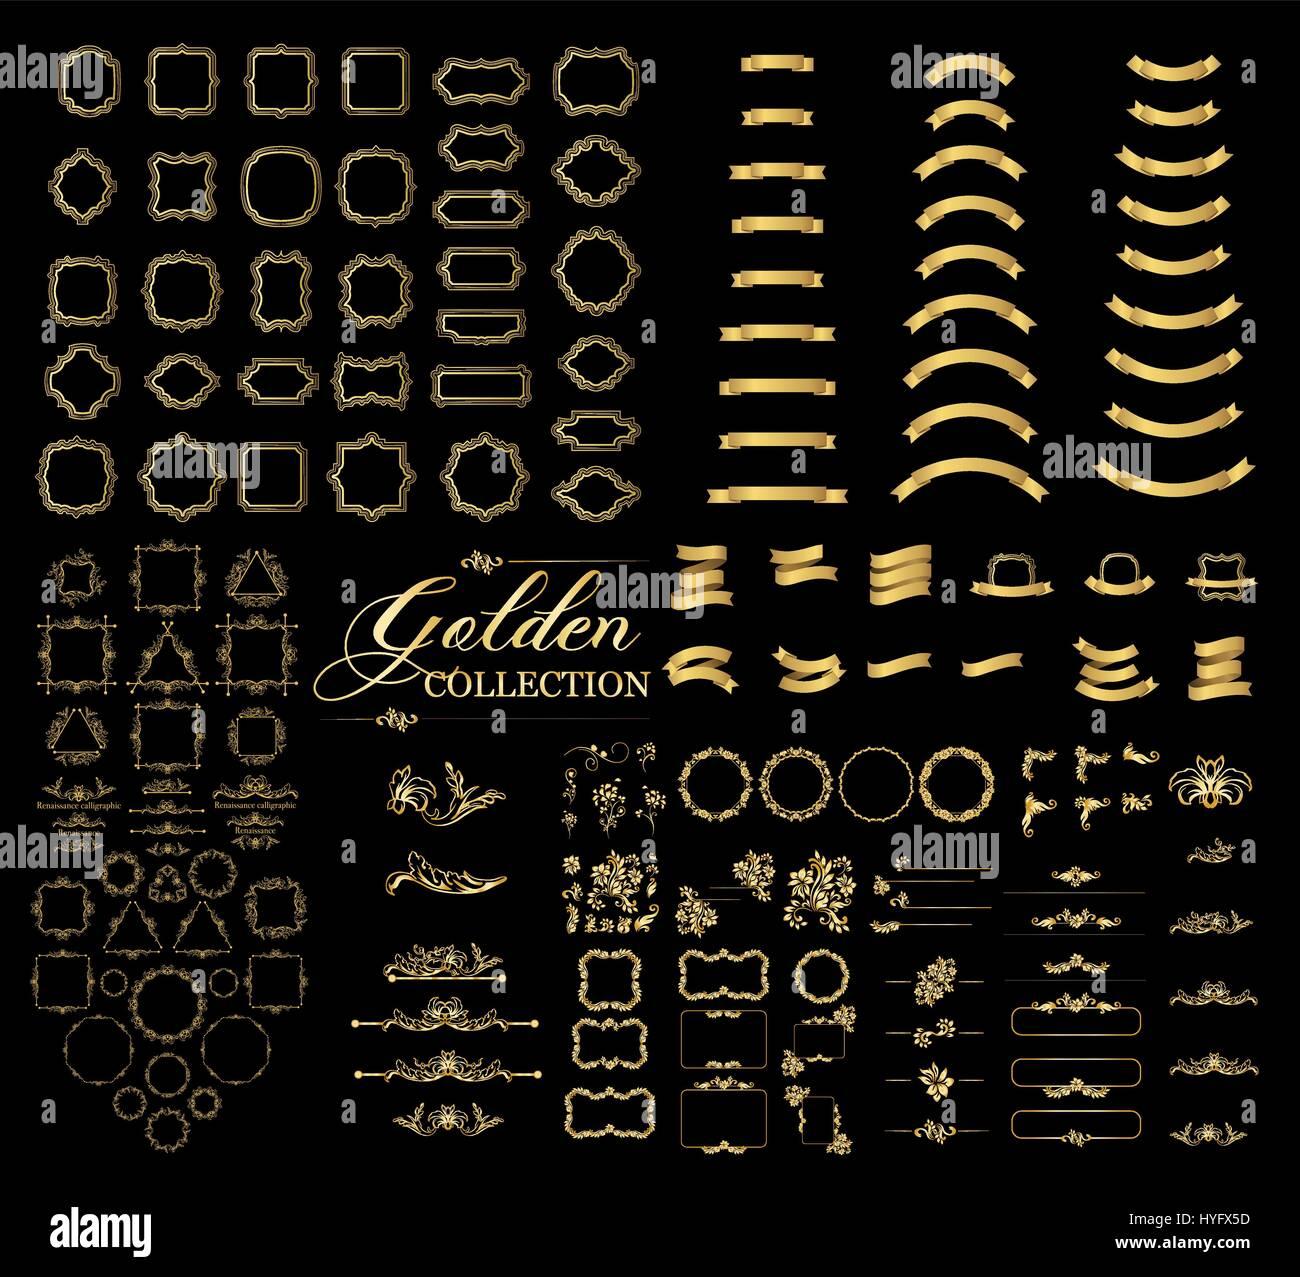 Grenzt und rahmt golden Collection, gold elegante dekorative ...